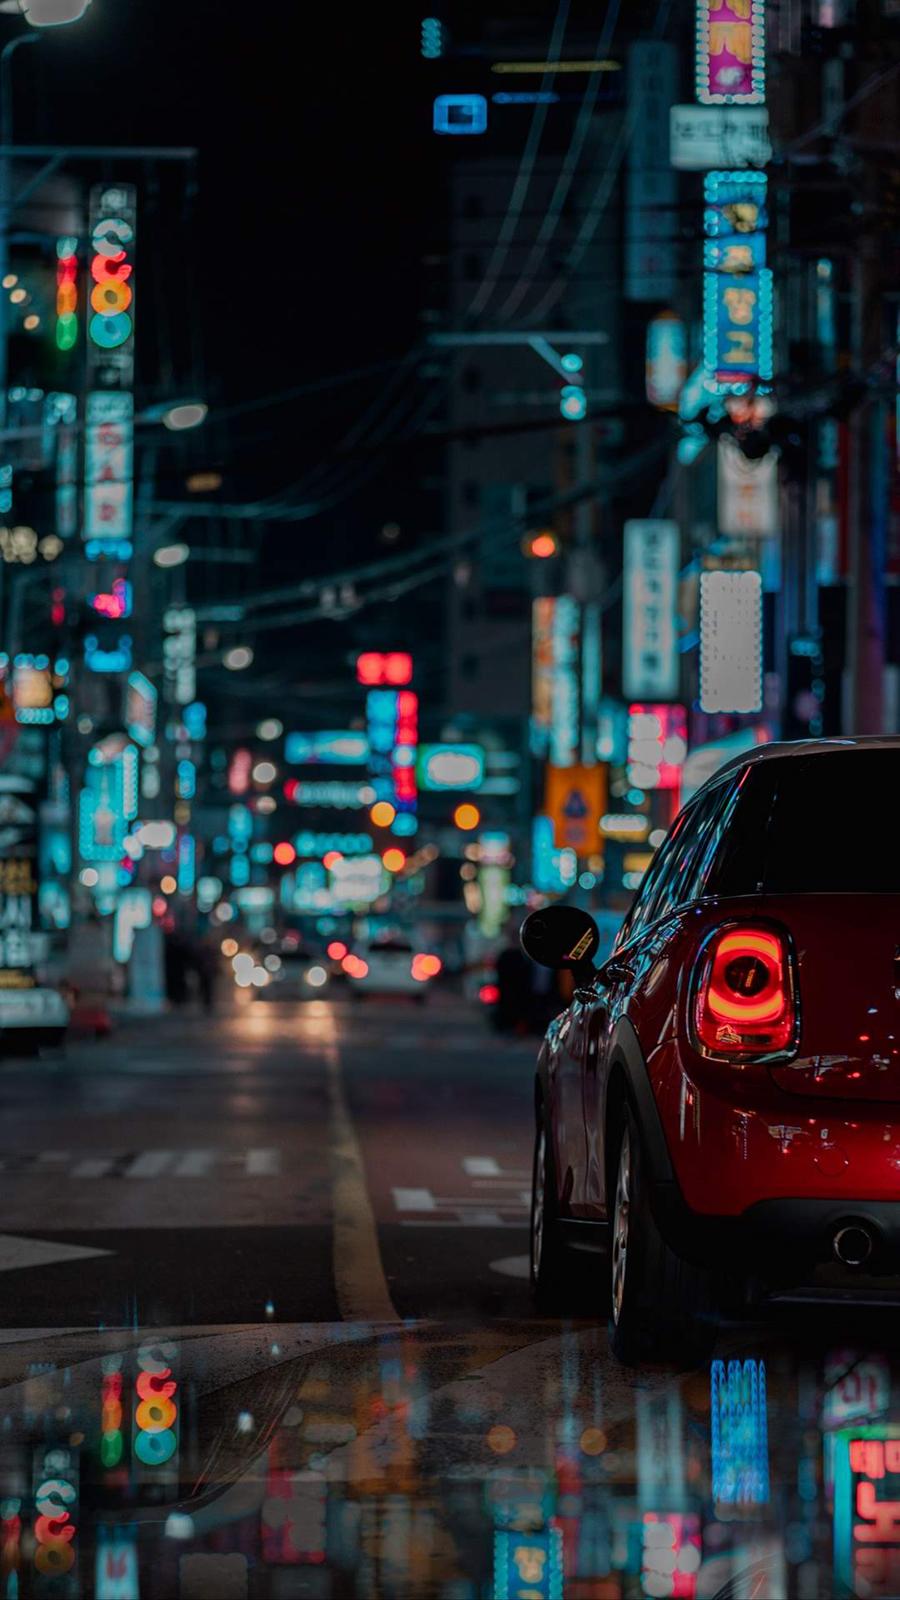 Volkswagen Red Wallpapers – Car Wallpaper Free Download